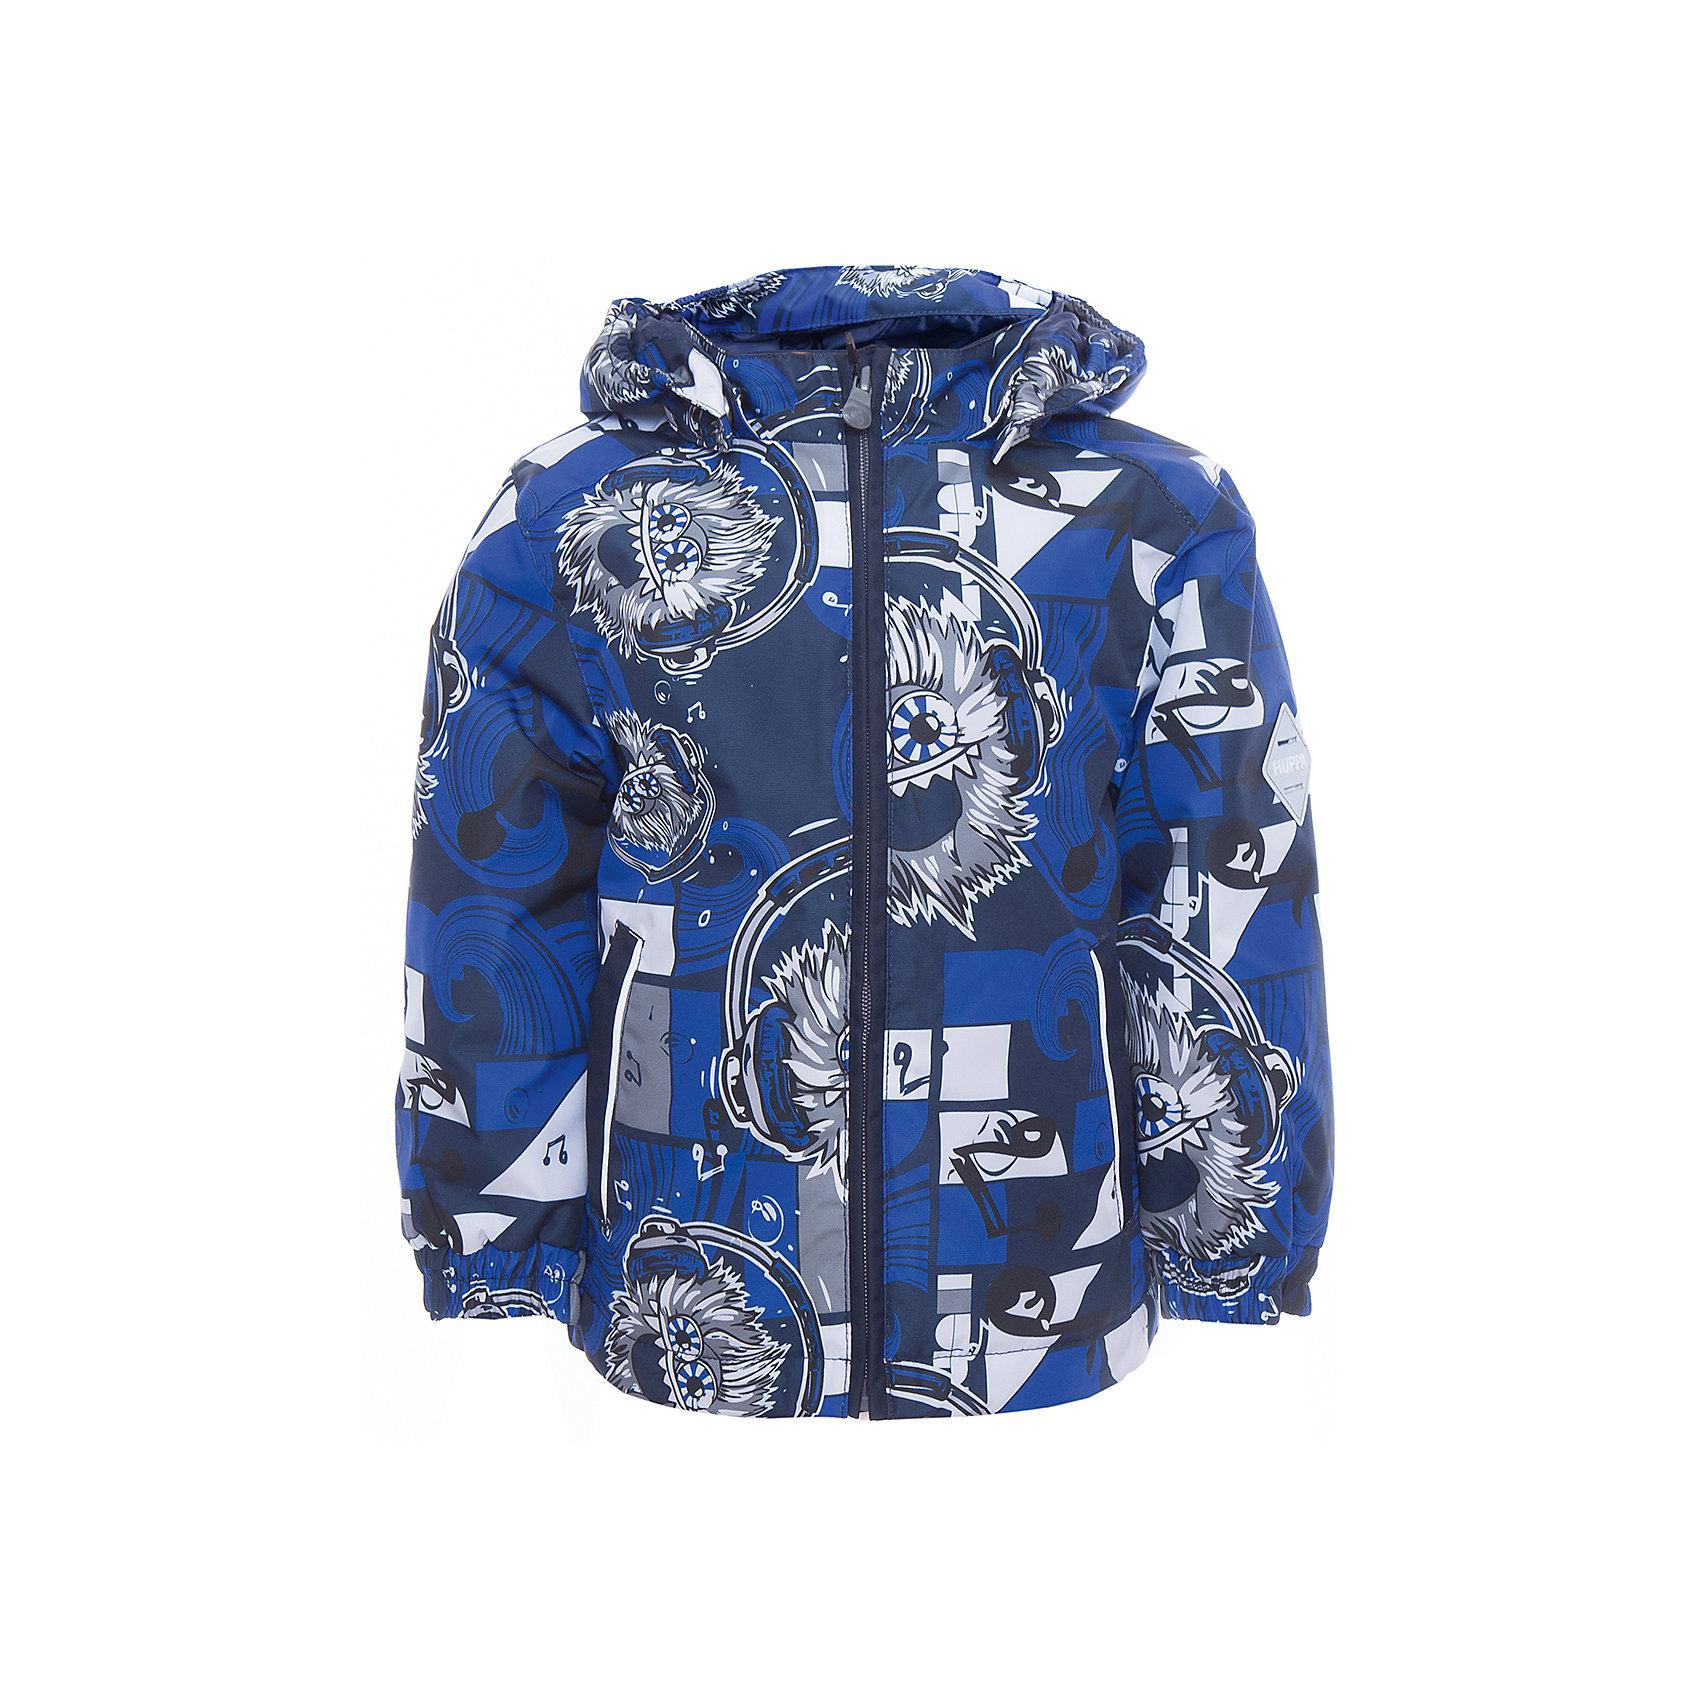 Куртка JODY для мальчика HuppaВерхняя одежда<br>Характеристики товара:<br><br>• цвет: тёмно-синий<br>• ткань: 100% полиэстер<br>• подкладка: тафта - 100% полиэстер<br>• утеплитель: 100% полиэстер 100 г<br>• температурный режим: от -5°С до +15°С<br>• водонепроницаемость: 10000 мм<br>• воздухопроницаемость: 10000 мм<br>• светоотражающие детали<br>• эластичные манжеты<br>• молния<br>• съёмный капюшон<br>• комфортная посадка<br>• коллекция: весна-лето 2017<br>• страна бренда: Эстония<br><br>Эта стильная куртка обеспечит детям тепло и комфорт. Она сделана из материала, отталкивающего воду, и дополнено подкладкой с утеплителем, поэтому изделие идеально подходит для межсезонья. Материал изделия - с мембранной технологией: защищая от влаги и ветра, он легко выводит лишнюю влагу наружу. Для удобства сделан капюшон. Куртка очень симпатично смотрится, яркая расцветка и крой добавляют ему оригинальности. Модель была разработана специально для детей.<br><br>Одежда и обувь от популярного эстонского бренда Huppa - отличный вариант одеть ребенка можно и комфортно. Вещи, выпускаемые компанией, качественные, продуманные и очень удобные. Для производства изделий используются только безопасные для детей материалы. Продукция от Huppa порадует и детей, и их родителей!<br><br>Куртку JODY от бренда Huppa (Хуппа) можно купить в нашем интернет-магазине.<br><br>Ширина мм: 356<br>Глубина мм: 10<br>Высота мм: 245<br>Вес г: 519<br>Цвет: синий<br>Возраст от месяцев: 48<br>Возраст до месяцев: 60<br>Пол: Мужской<br>Возраст: Детский<br>Размер: 110,116,122,128,134,140,146,152,92,98,104<br>SKU: 5347009